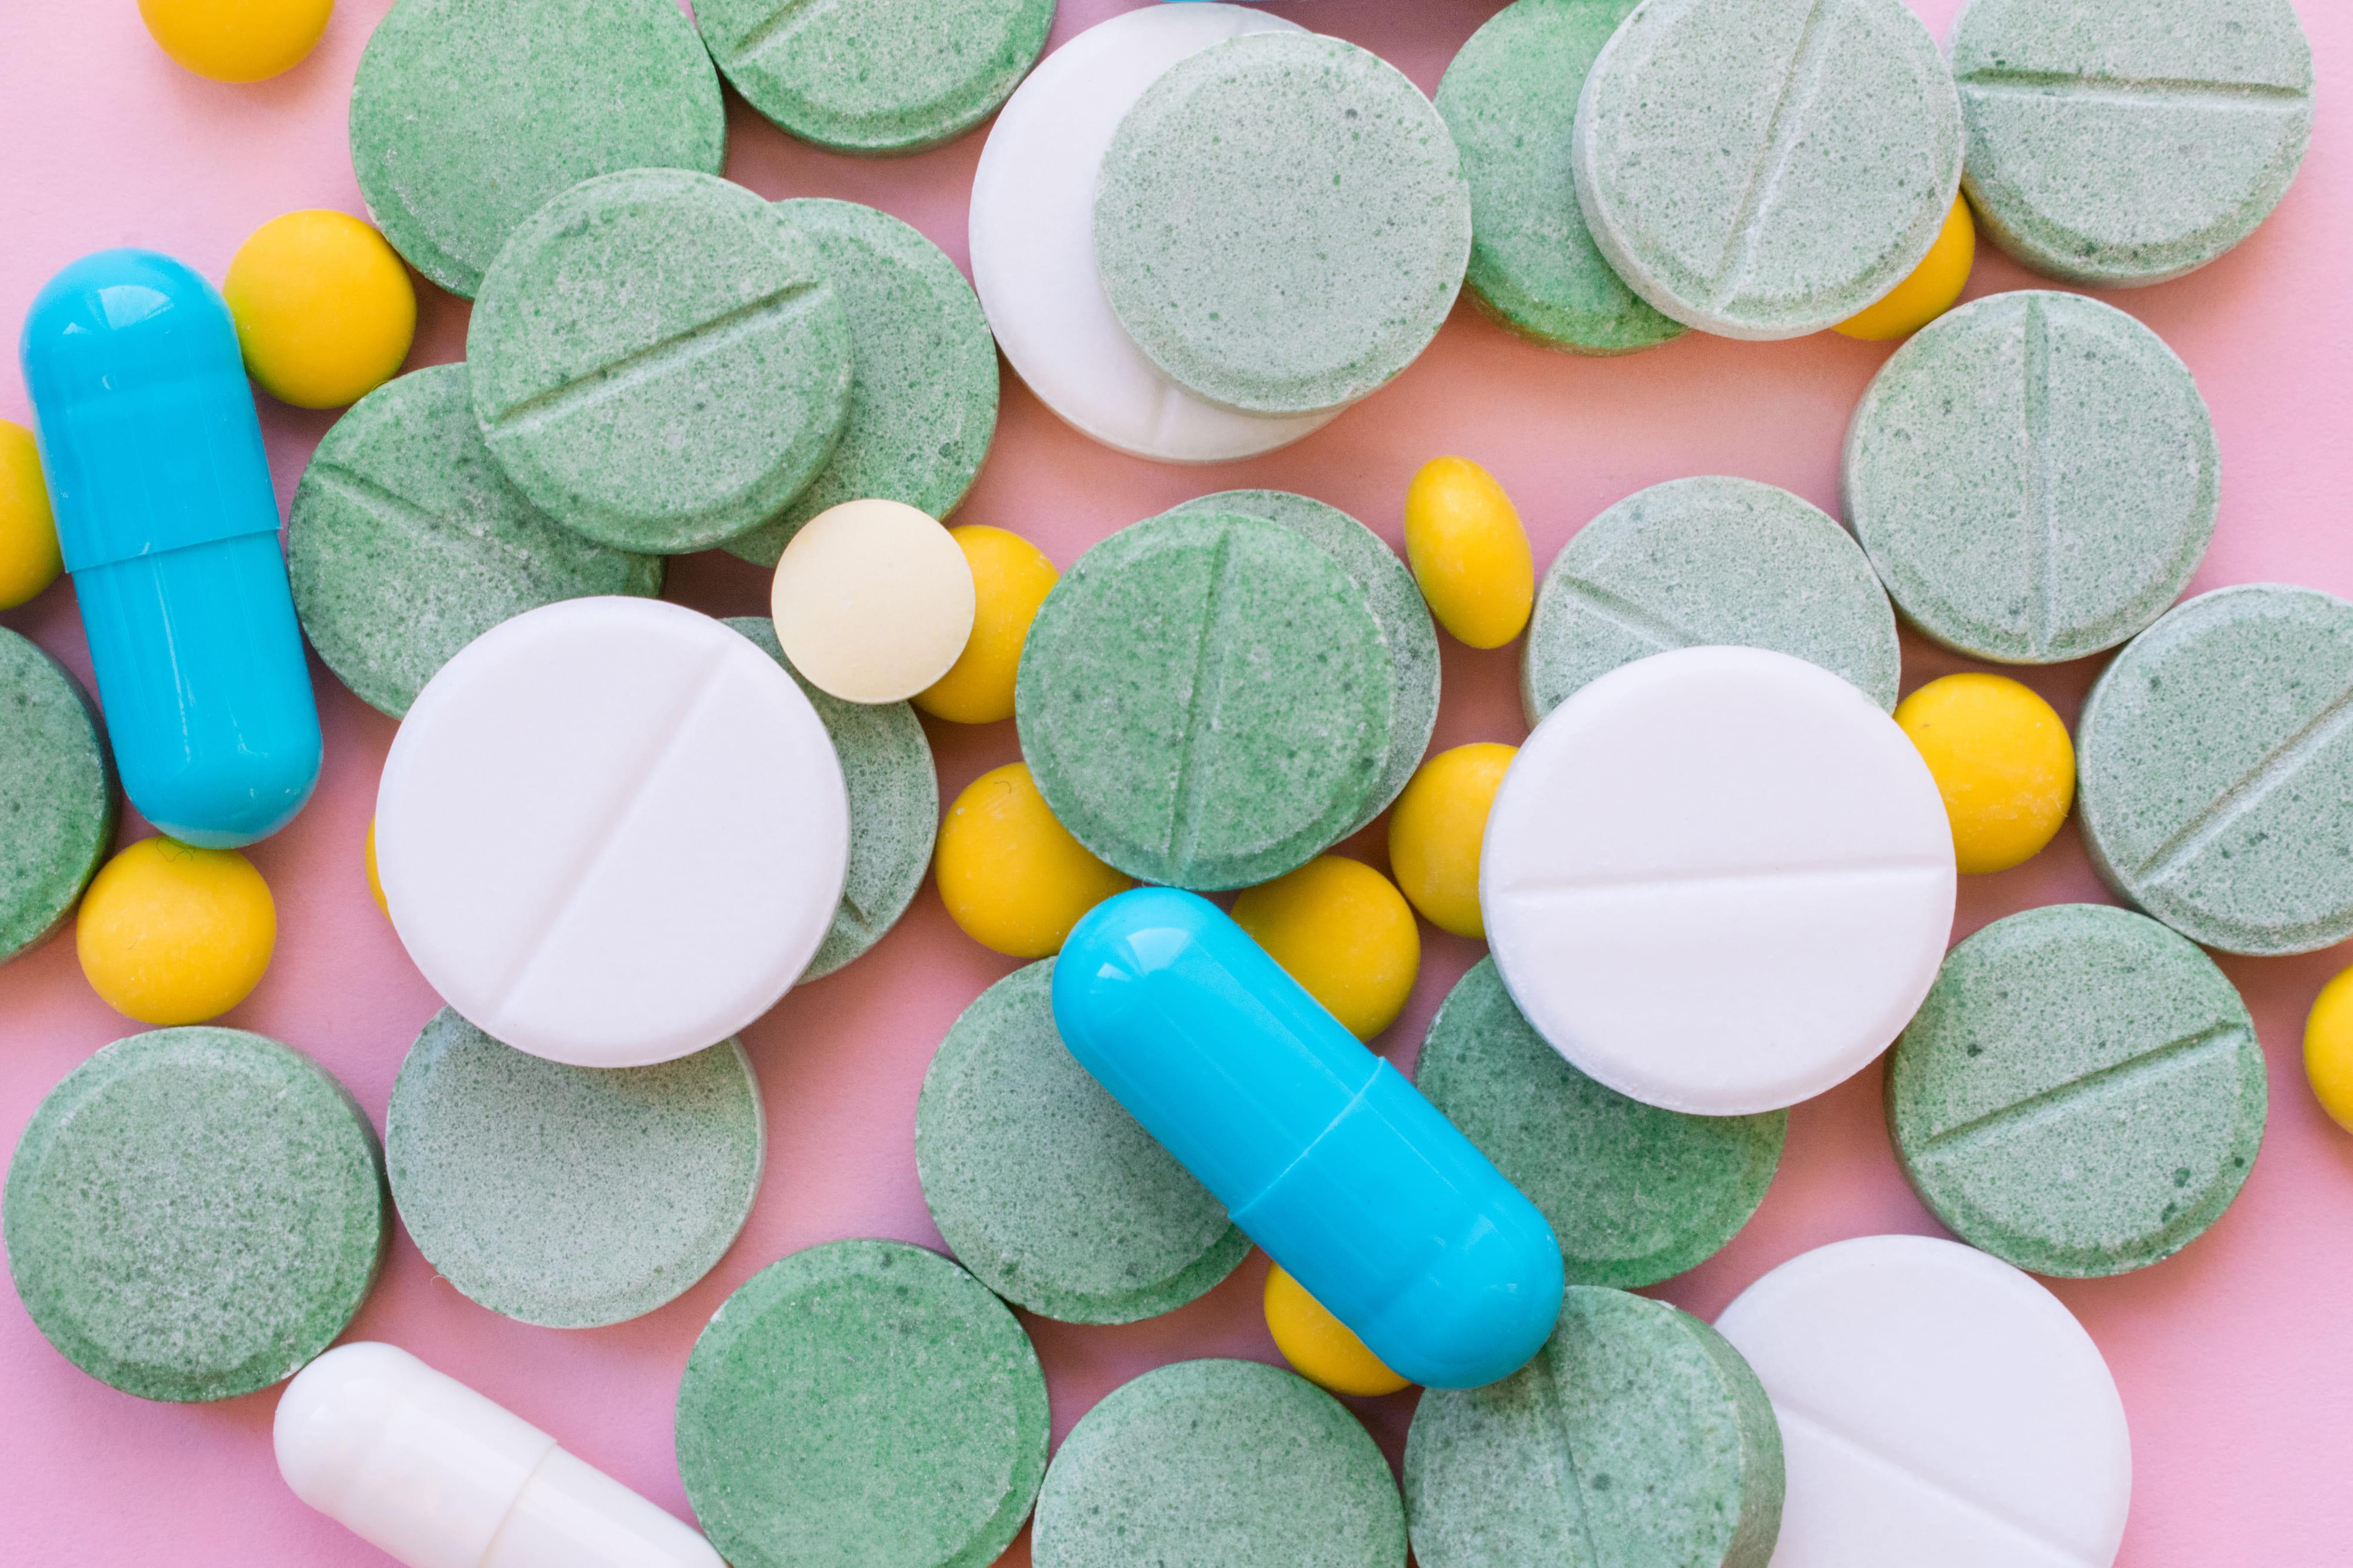 Imagem de remédios manipulados para remeter ao empreendedor que deseja abrir uma farmácia de manipulação